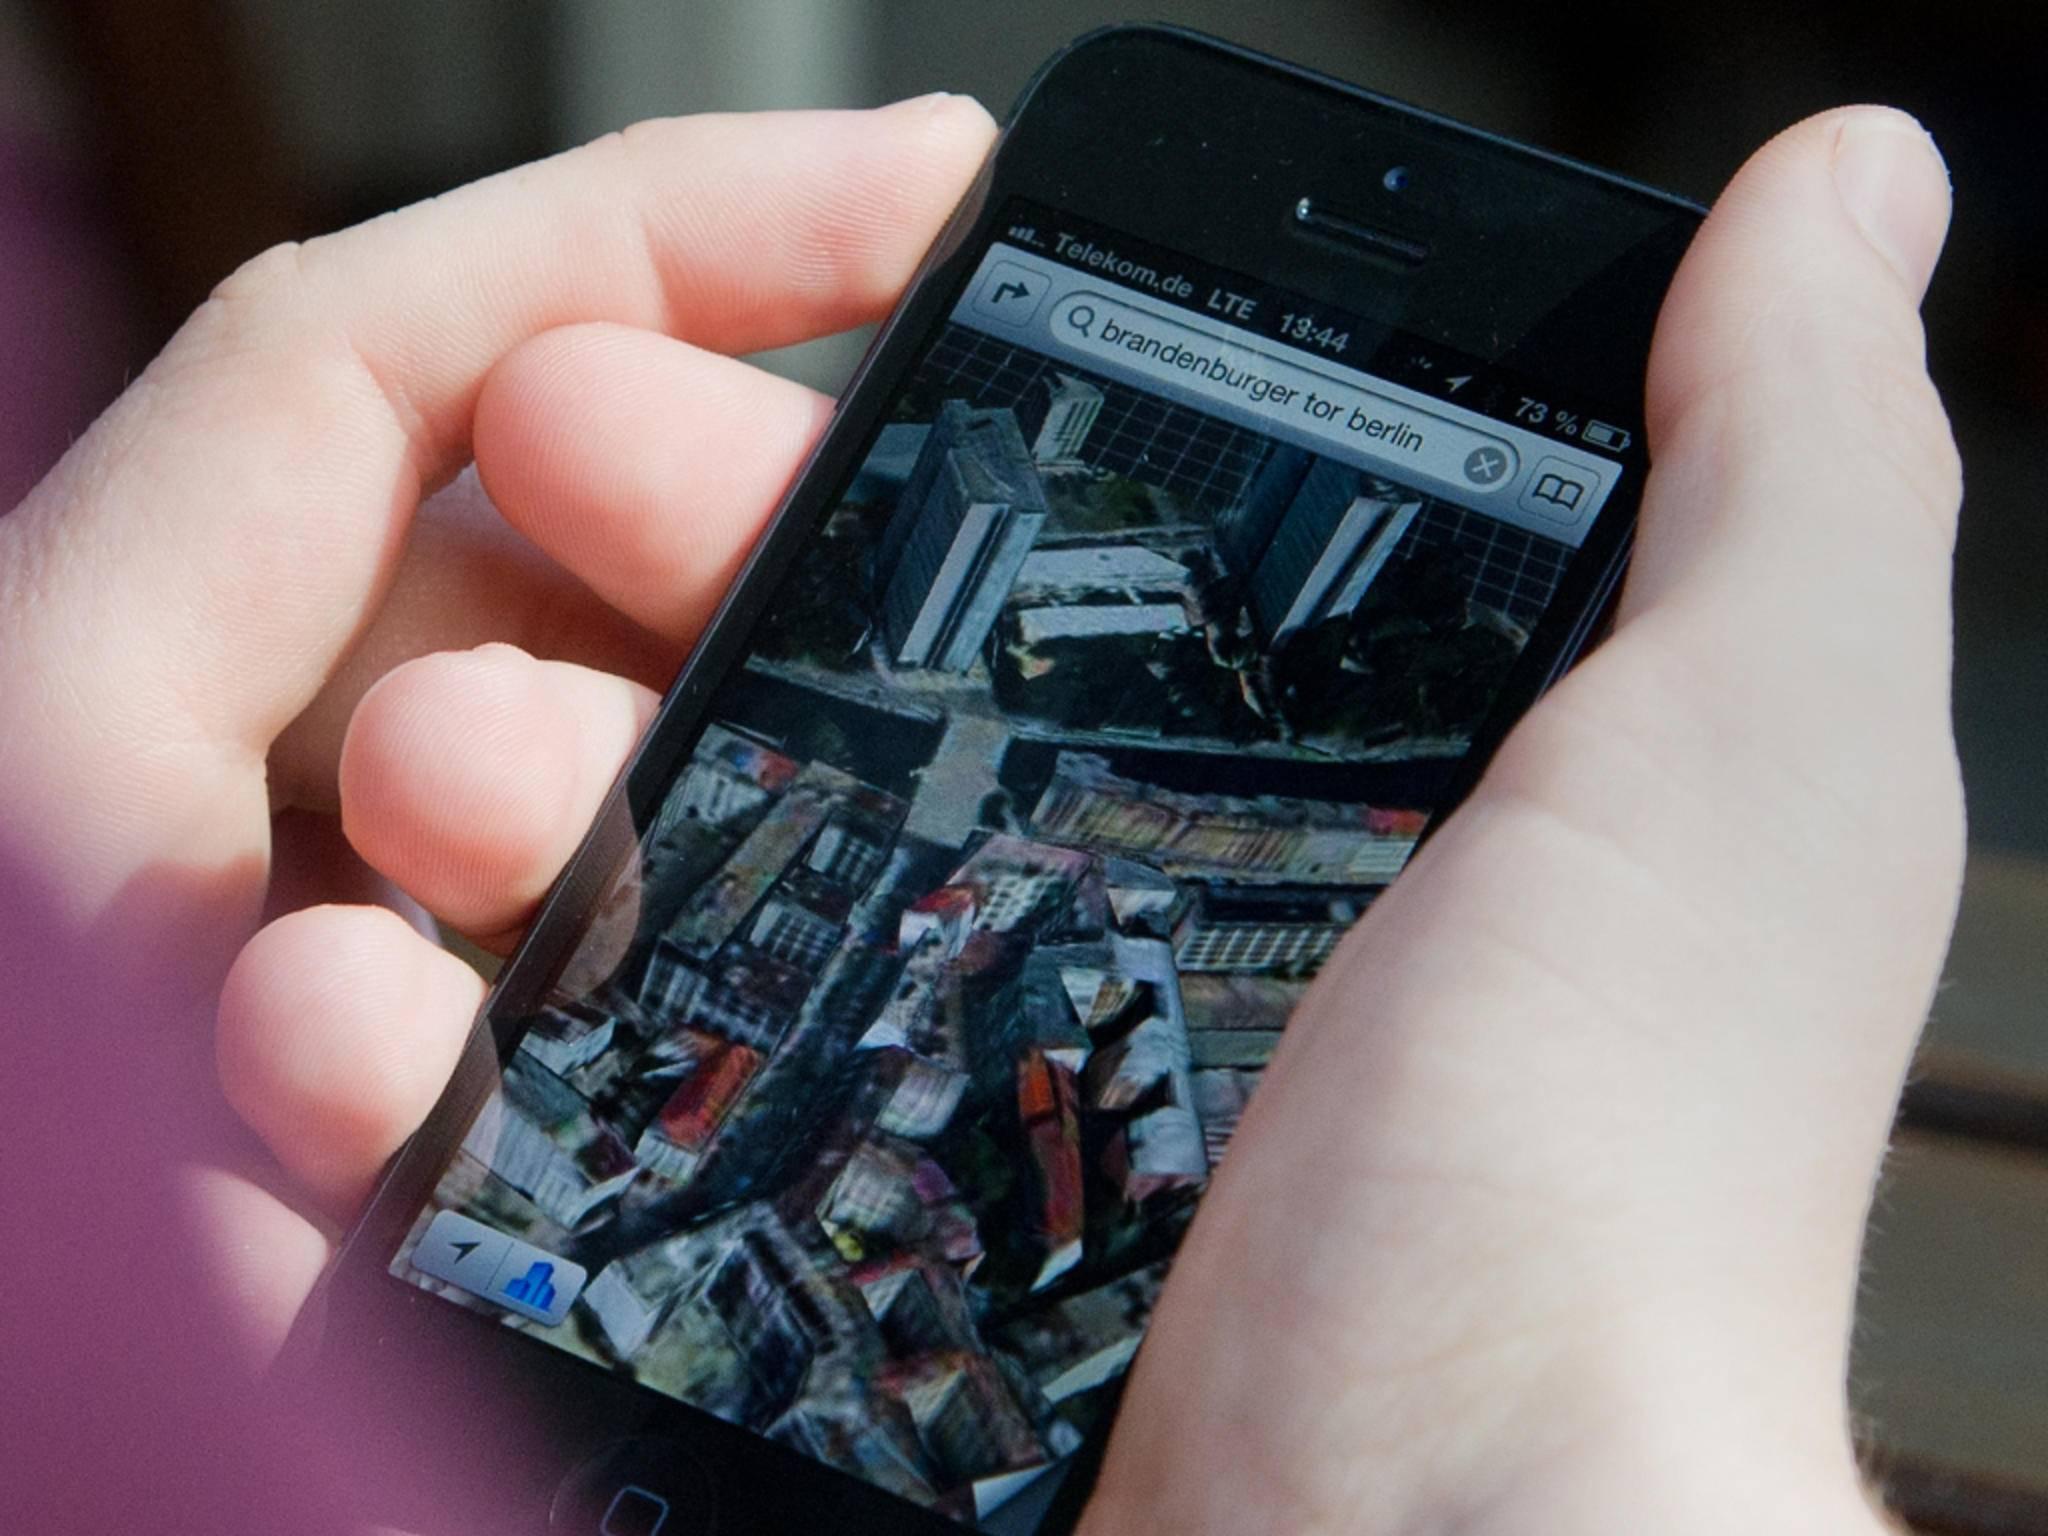 Bekommt das nächste iPhone eine bessere GPS-Navigation?